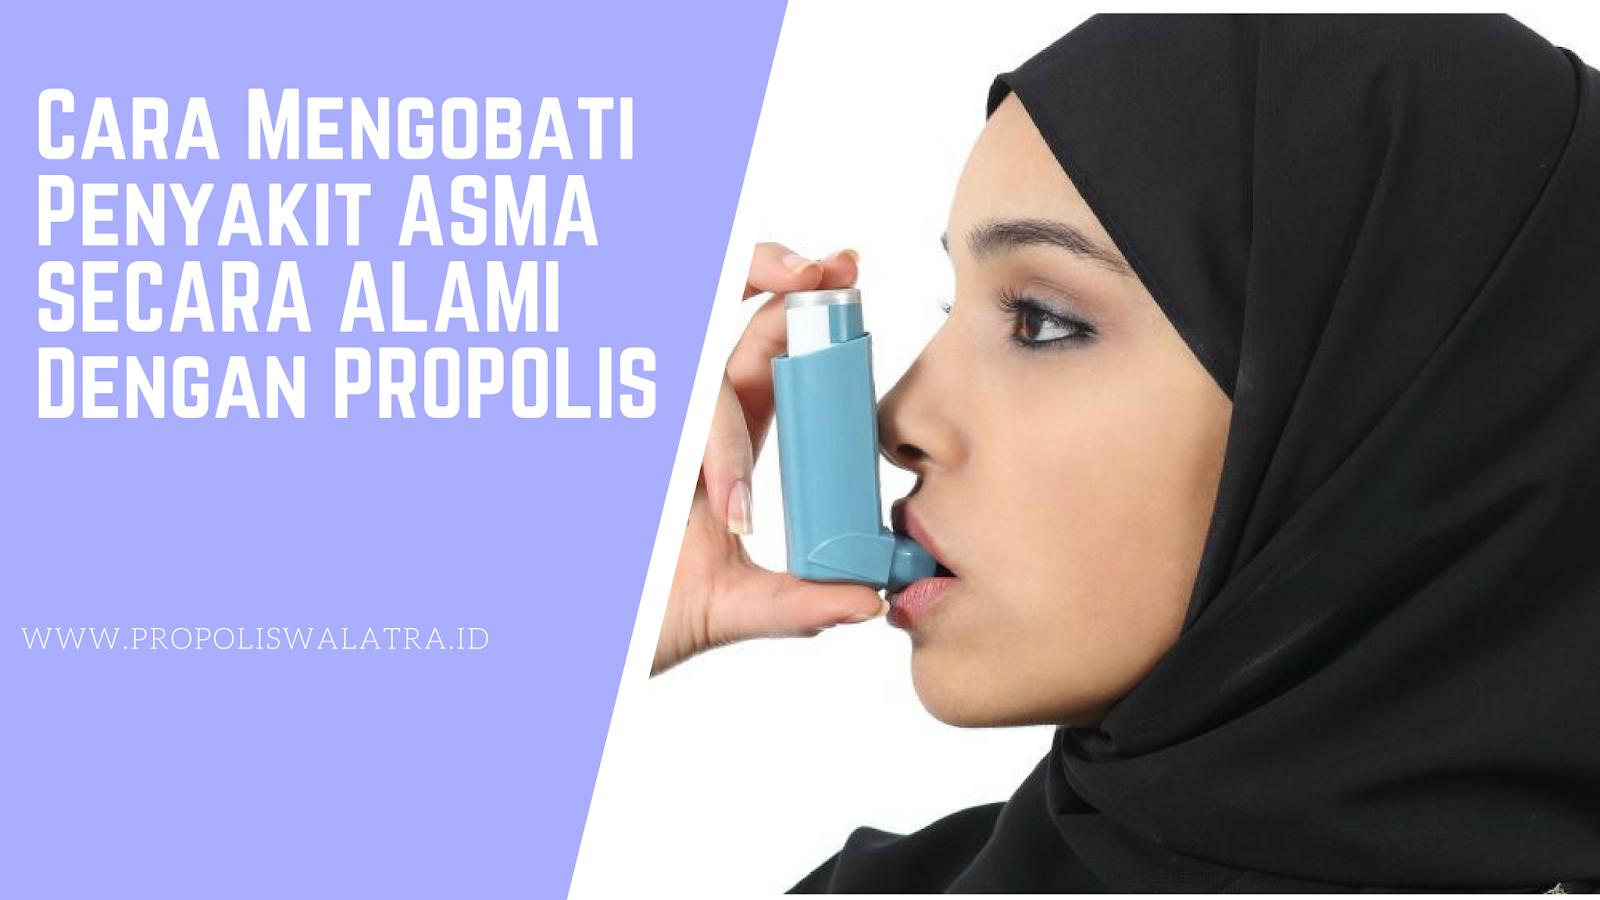 Cara Mengobati Penyakit Asma Dengan Propolis